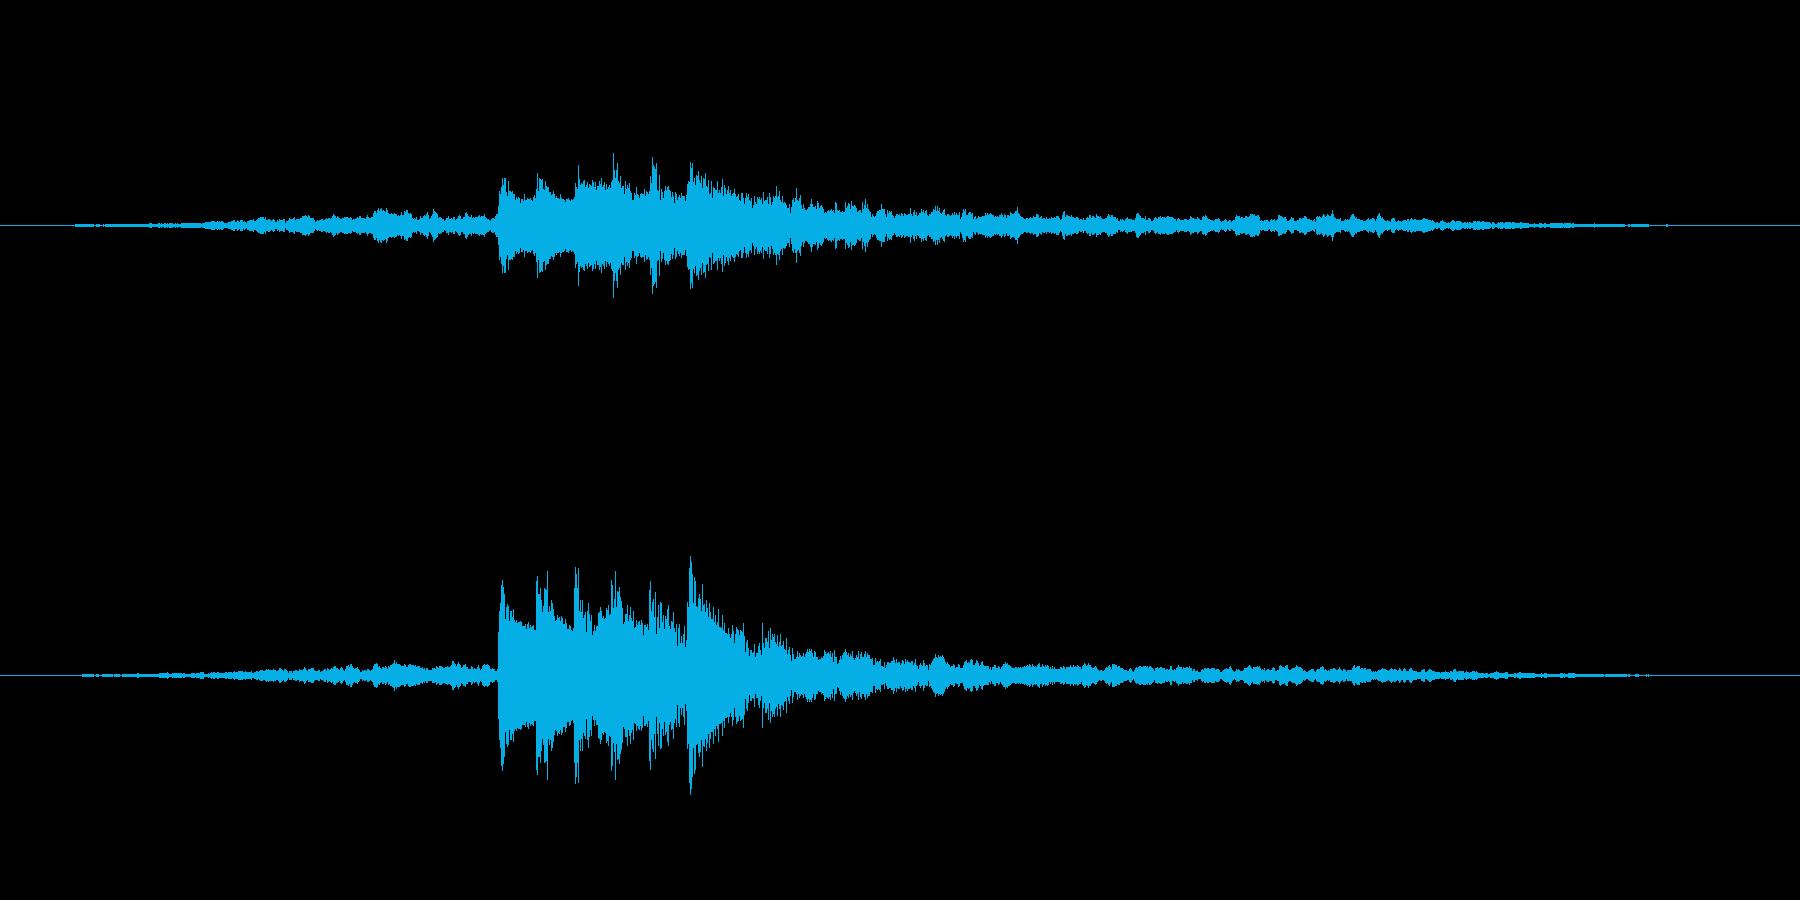 ホラー系 不吉な予感 SEの再生済みの波形